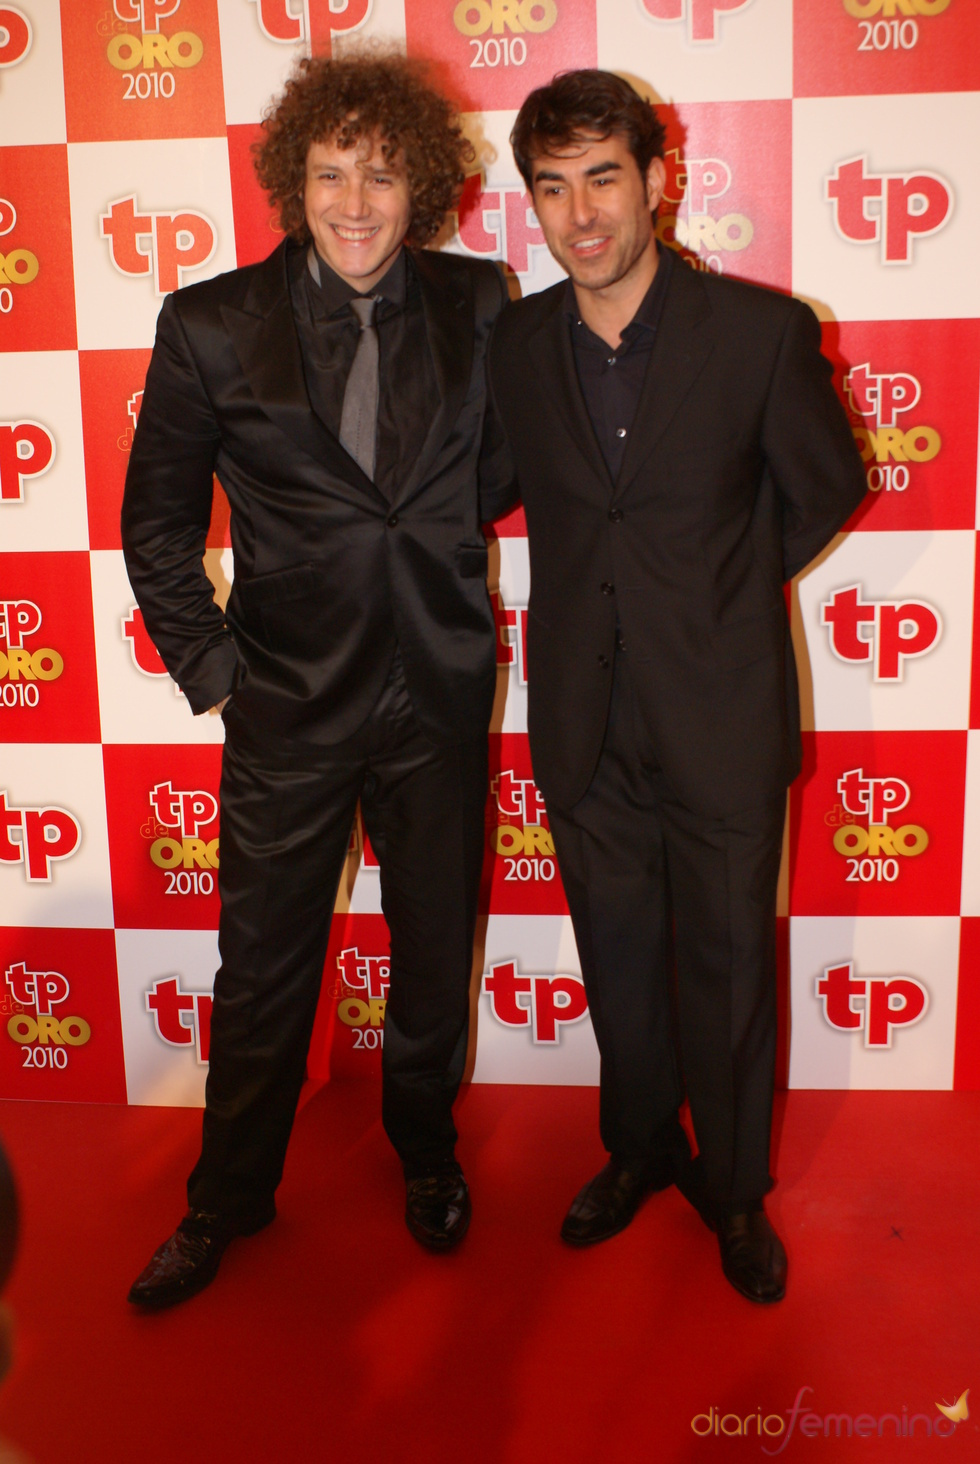 Daniel Diges y Daniel Muriel en los TP de Oro 2010